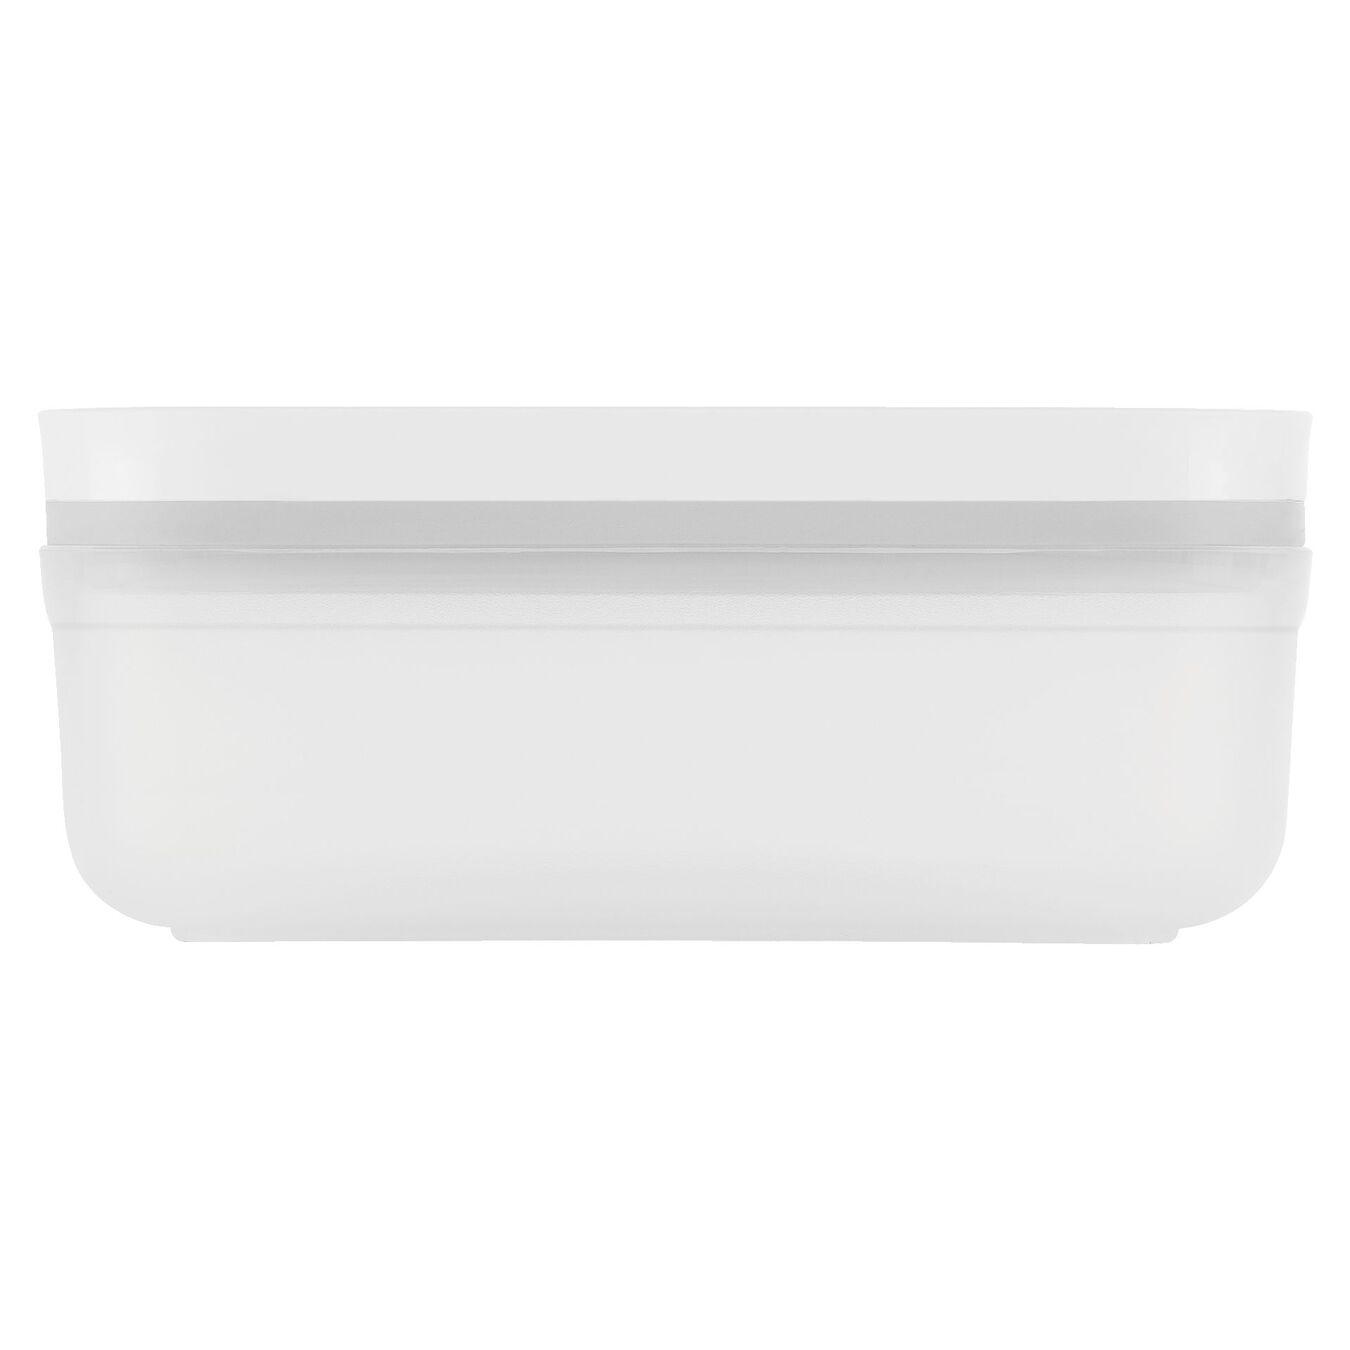 Contenitore sottovuoto - S, plastica, bianco,,large 3